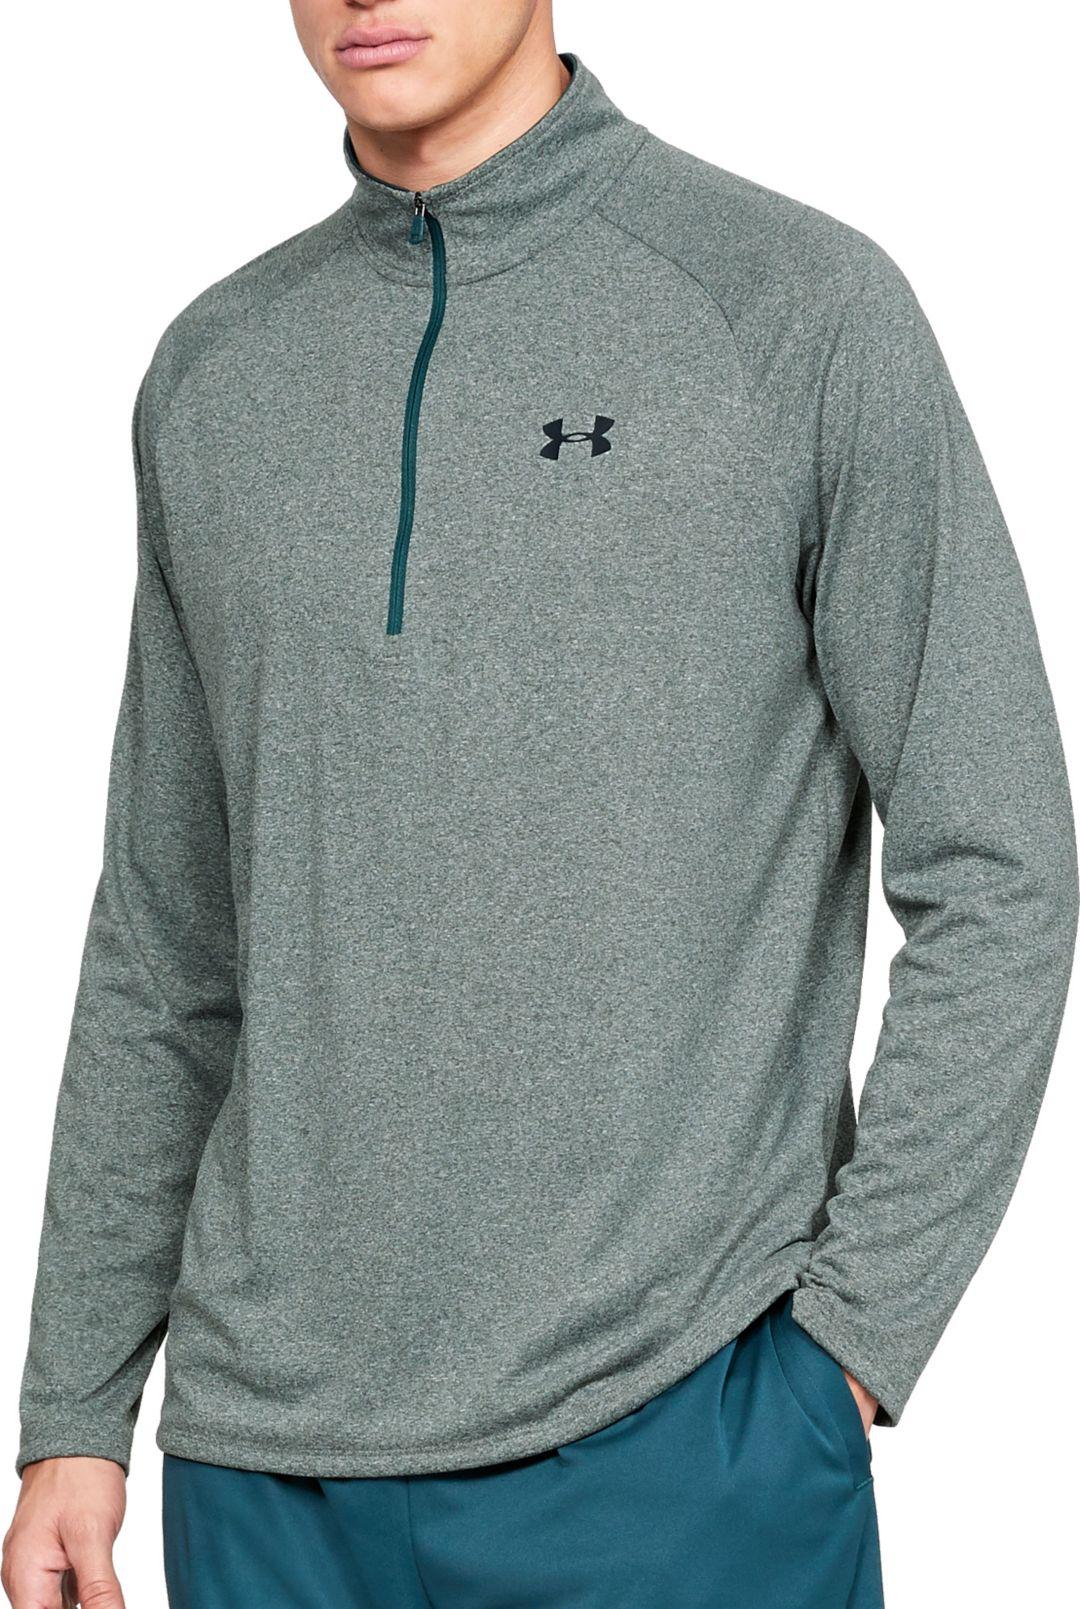 498302d741 Under Armour Men's Tech ½ Zip Long Sleeve Shirt